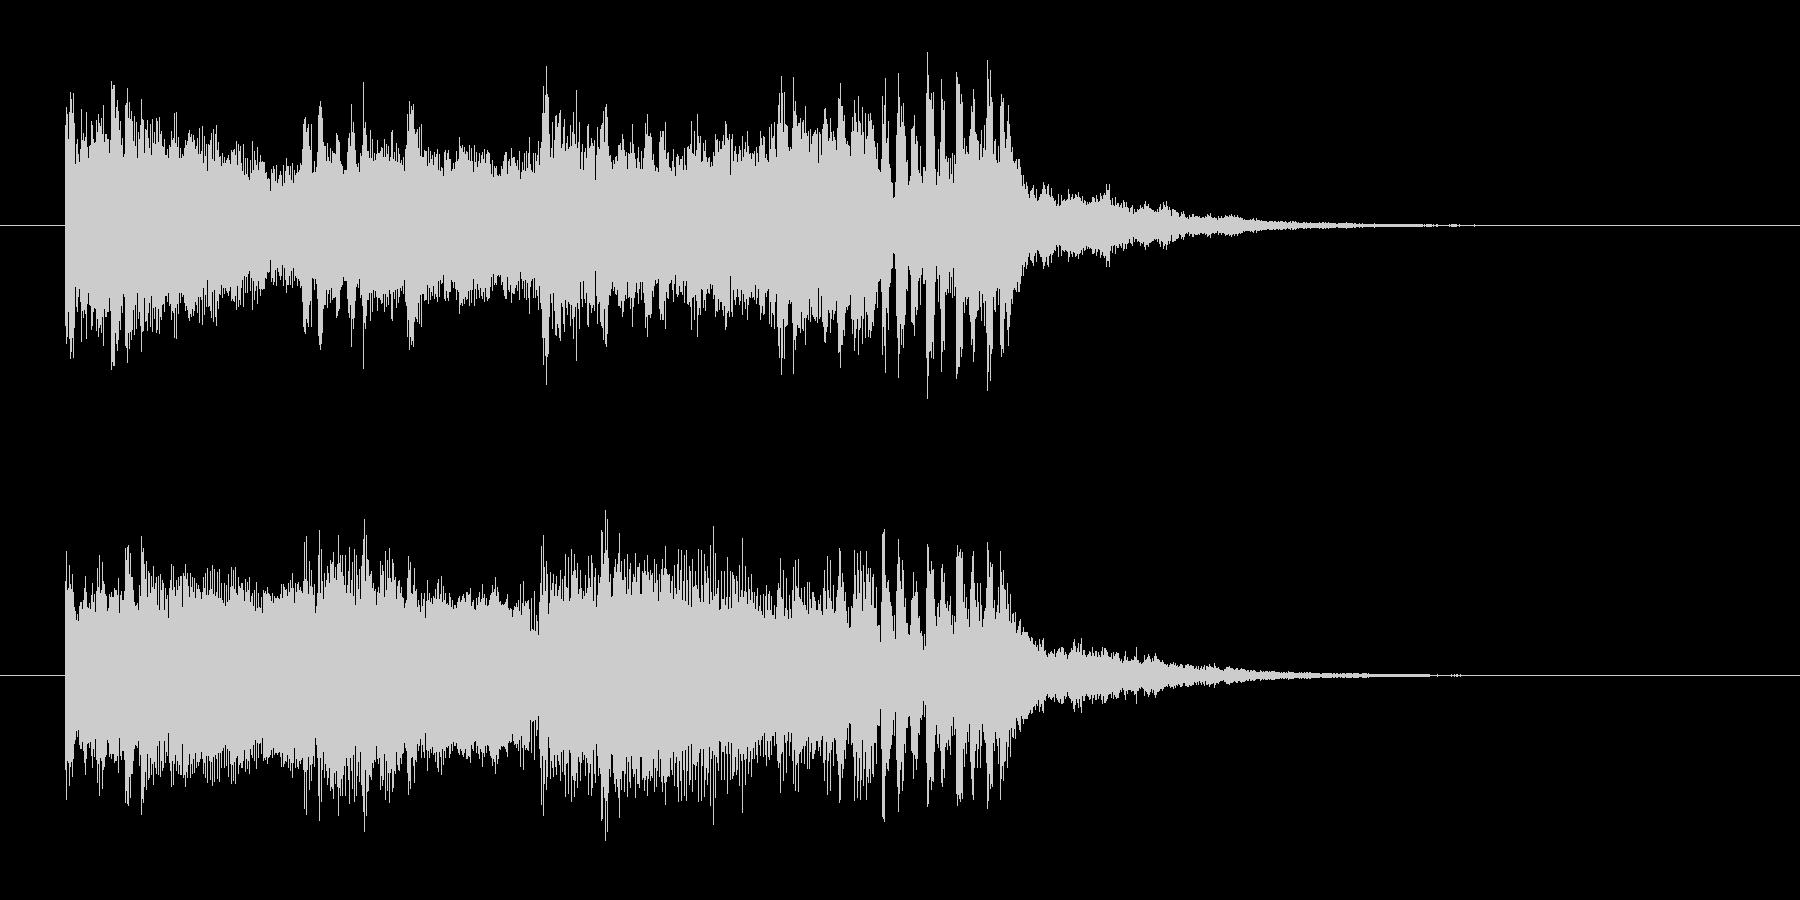 知的な印象のテクノポップスの未再生の波形